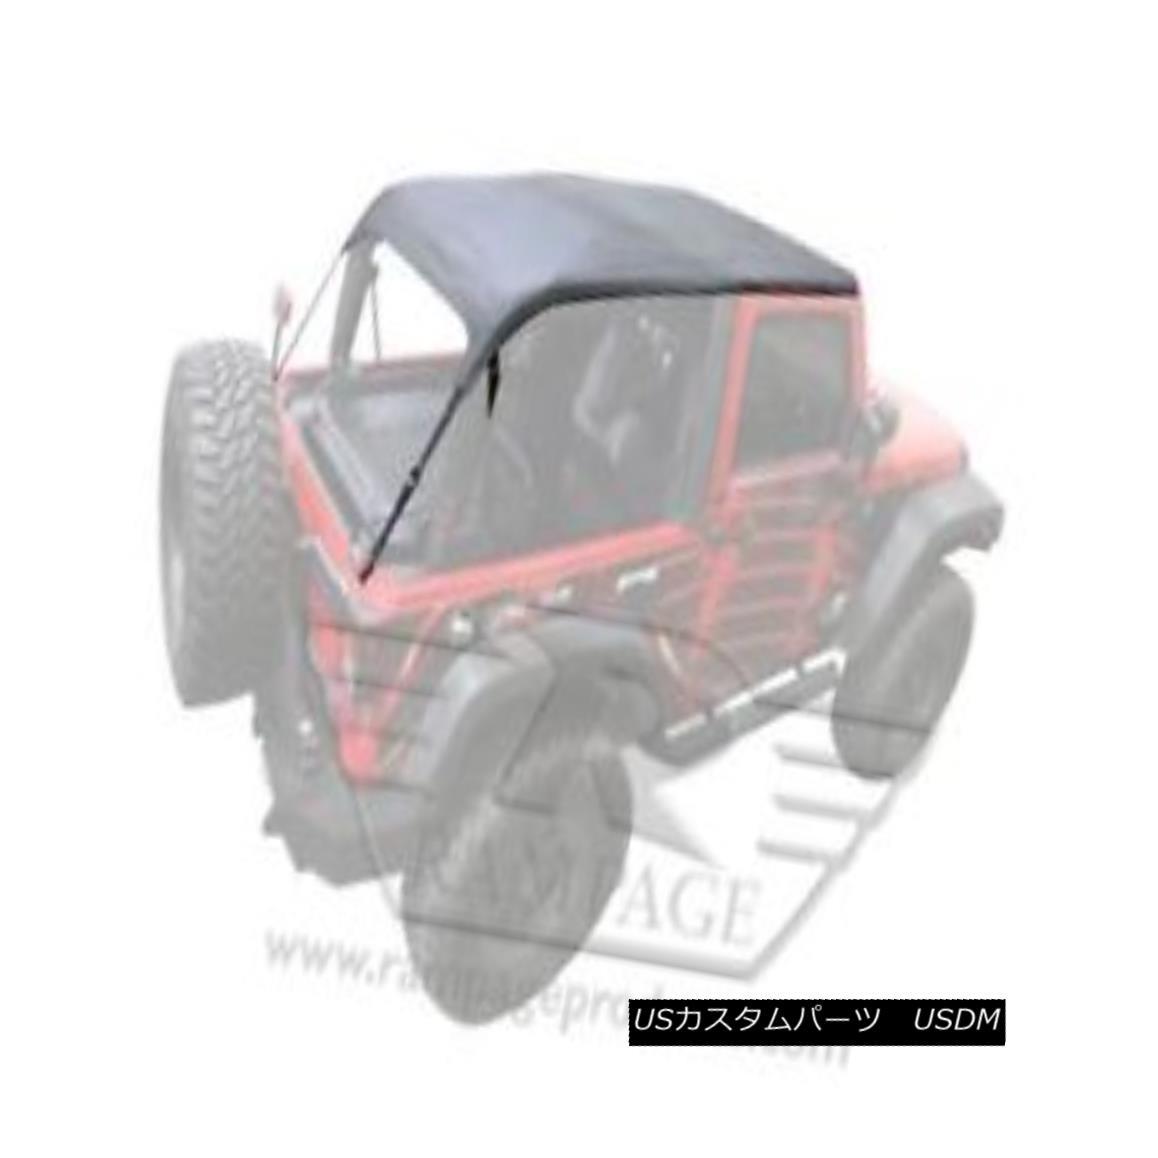 幌・ソフトトップ Rampage - Frameless Trail Soft Top-109935 ランペイジ - フレームレストレイルソフトトップ-109935